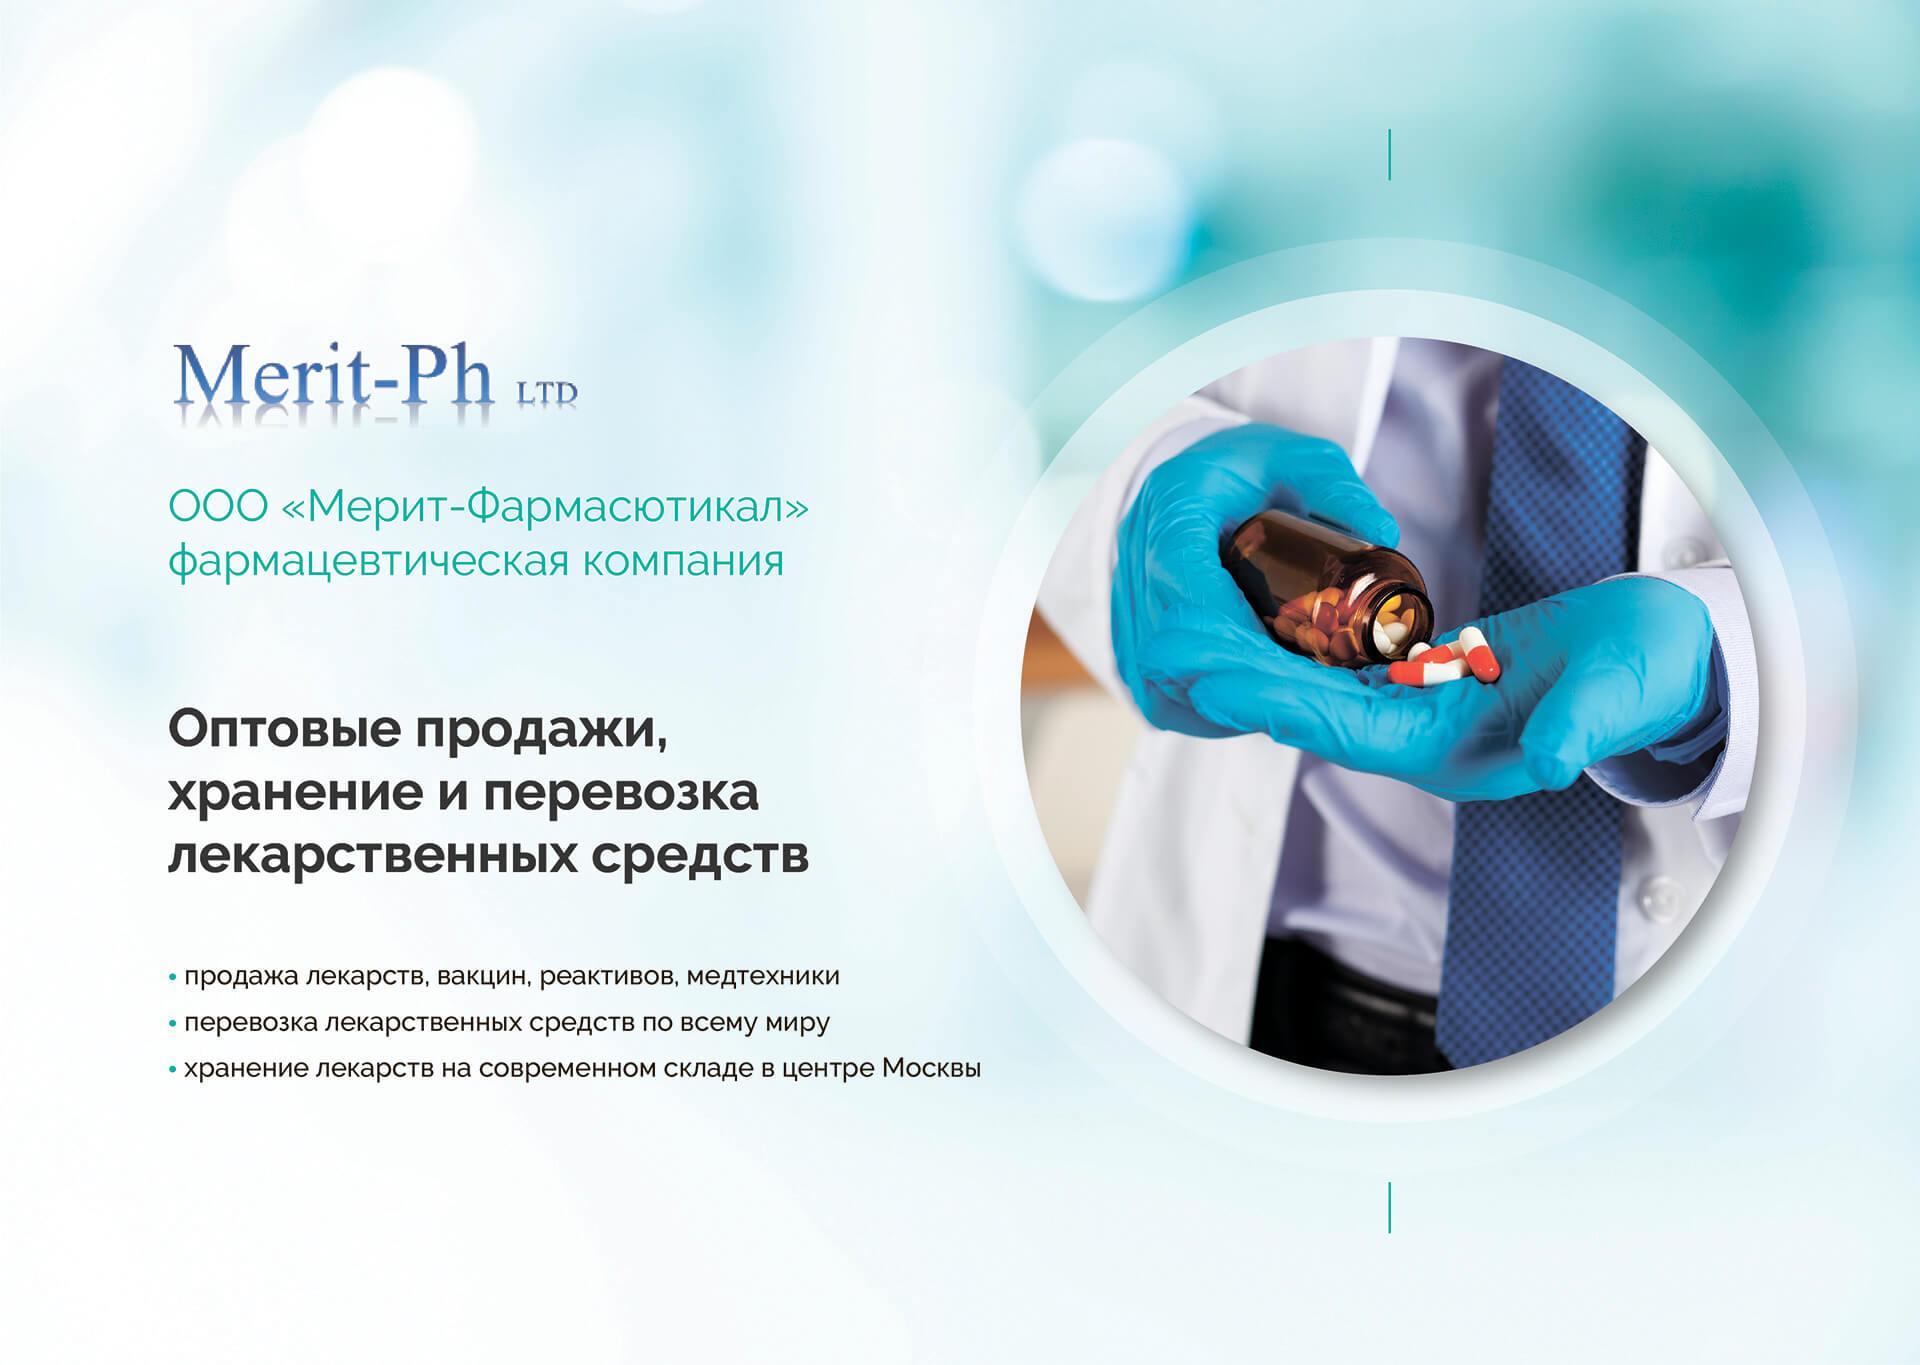 Презентация медицинского центра, услуг клиники, скачать образец